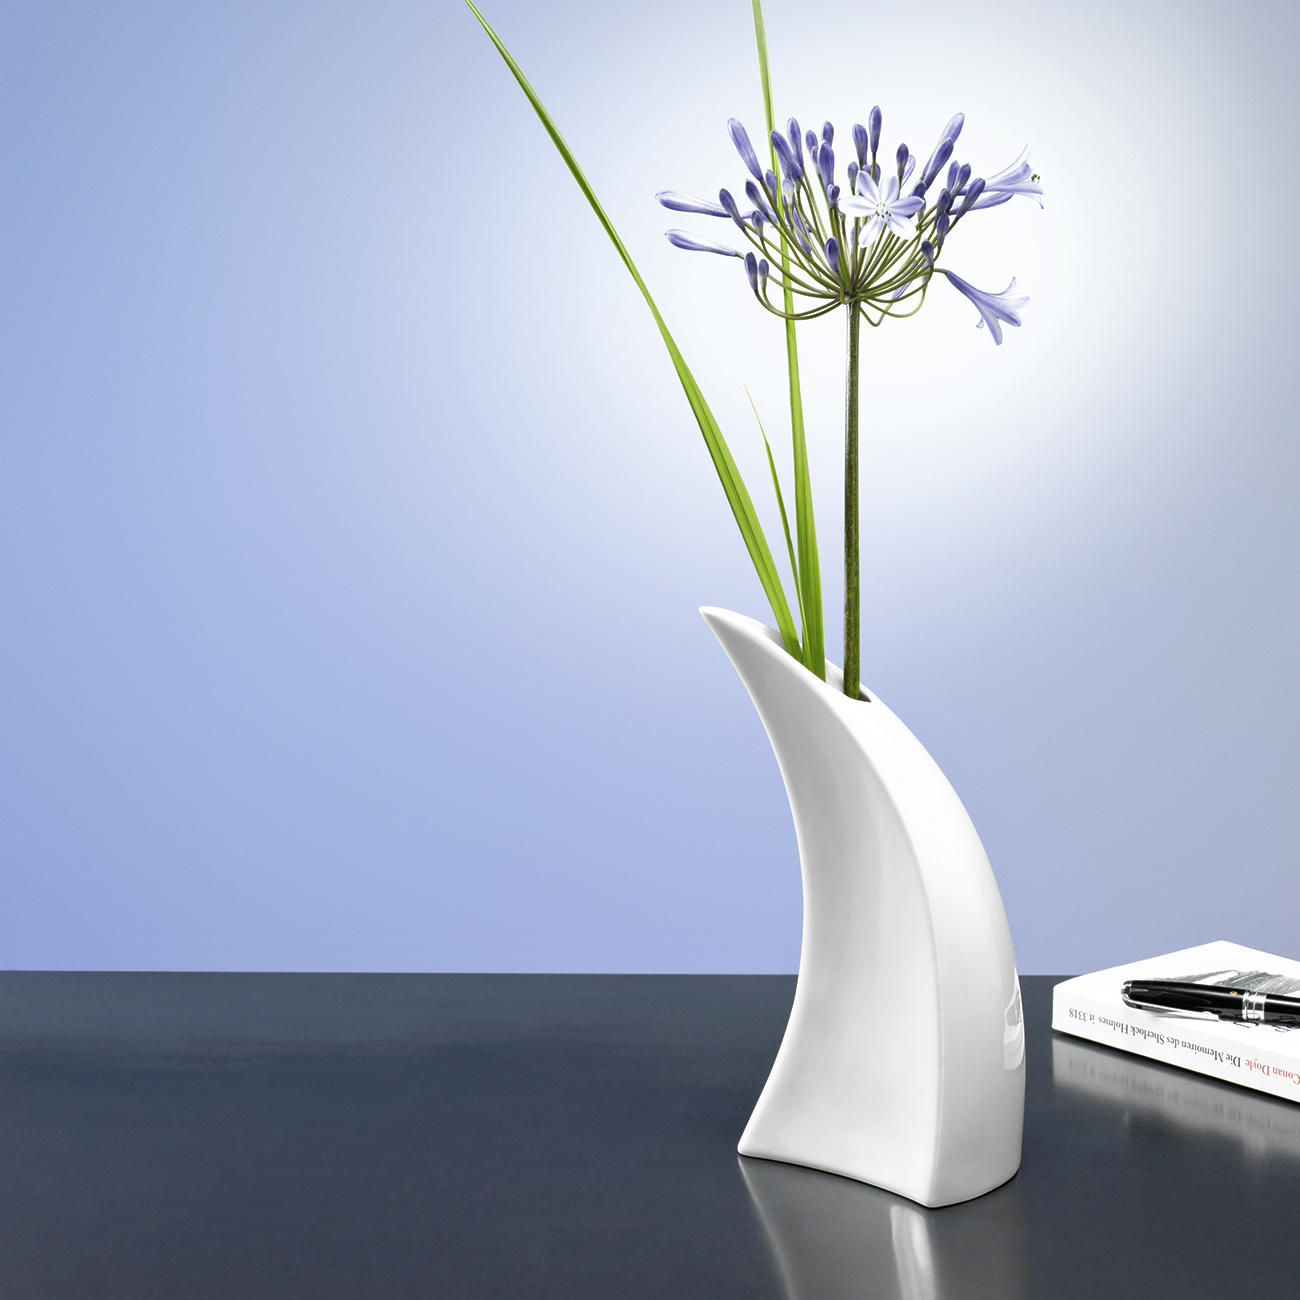 giessvase blumenvase porzellan mit 3 jahren garantie. Black Bedroom Furniture Sets. Home Design Ideas